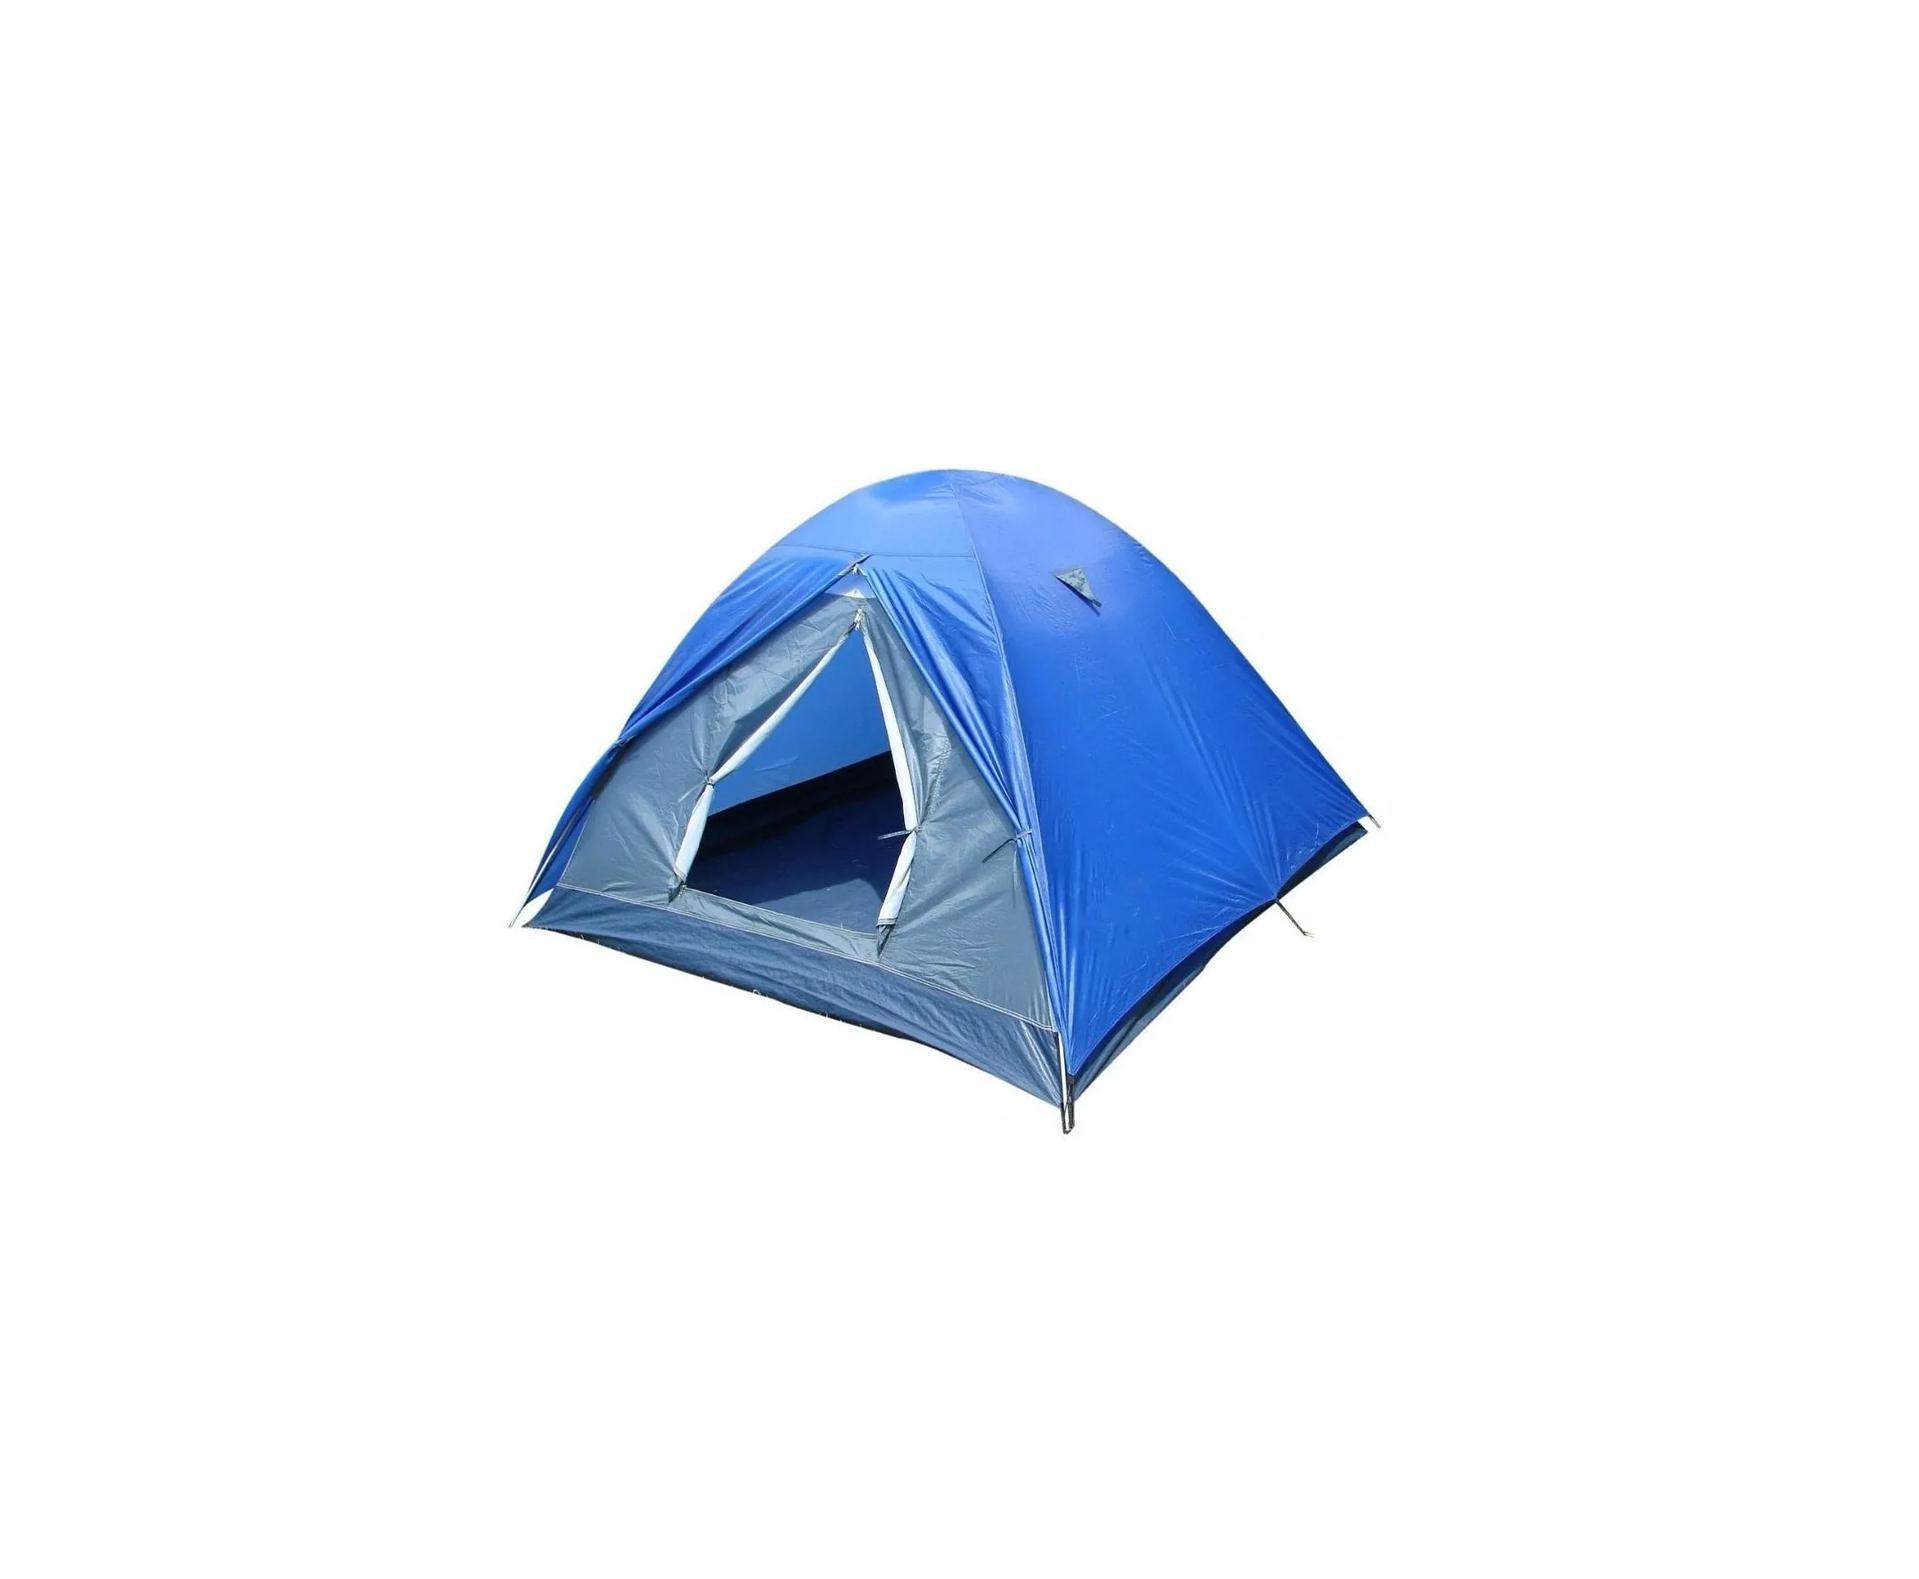 Barraca Para Camping Fox 6/7 Ntk Até 7 Pessoas Com 1800 Mm De Coluna D'água Fácil De Armar